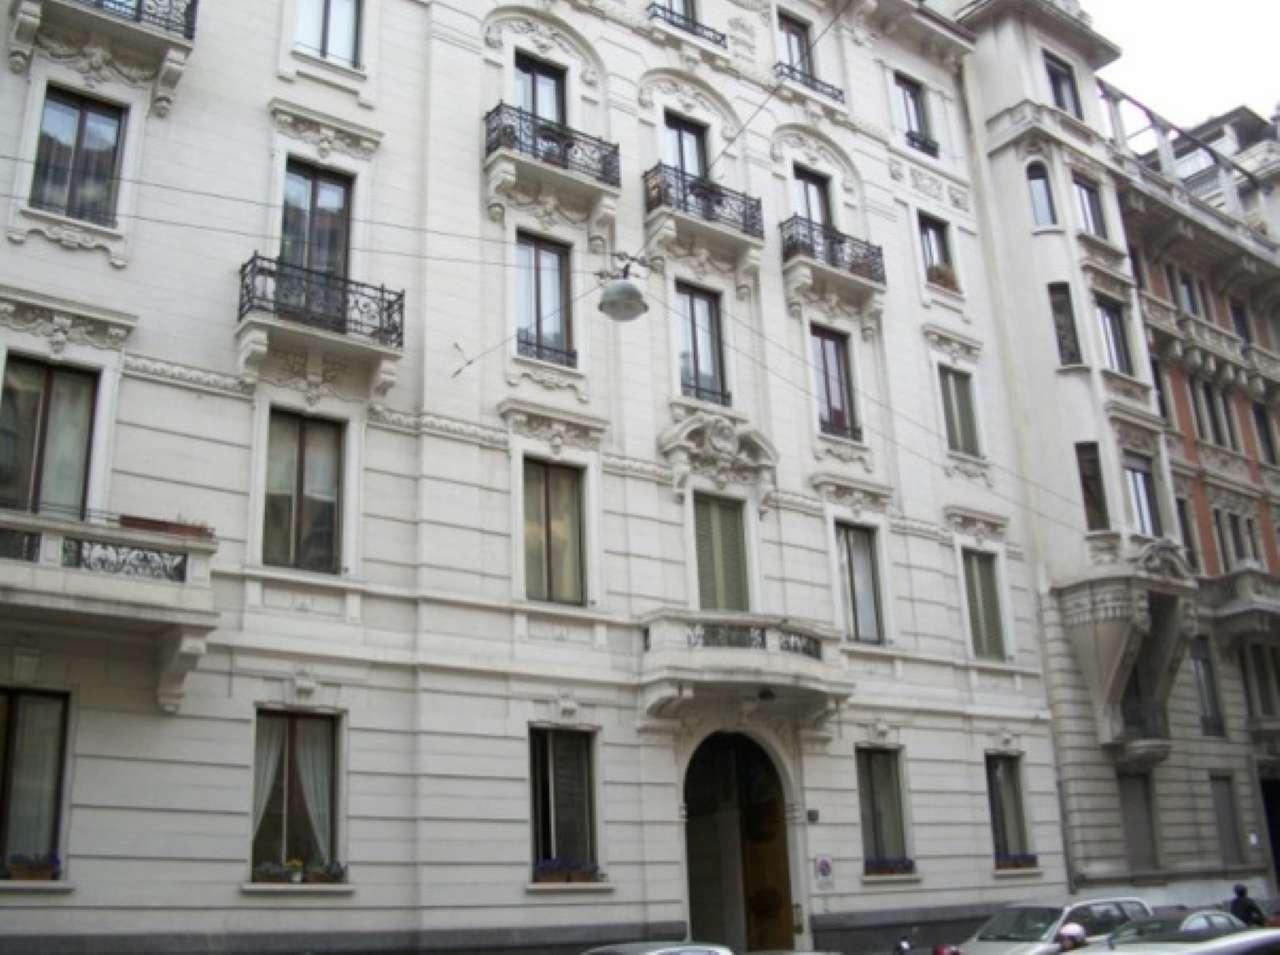 Appartamento in affitto a Milano, 6 locali, zona Zona: 15 . Fiera, Firenze, Sempione, Pagano, Amendola, Paolo Sarpi, Arena, prezzo € 4.585 | CambioCasa.it